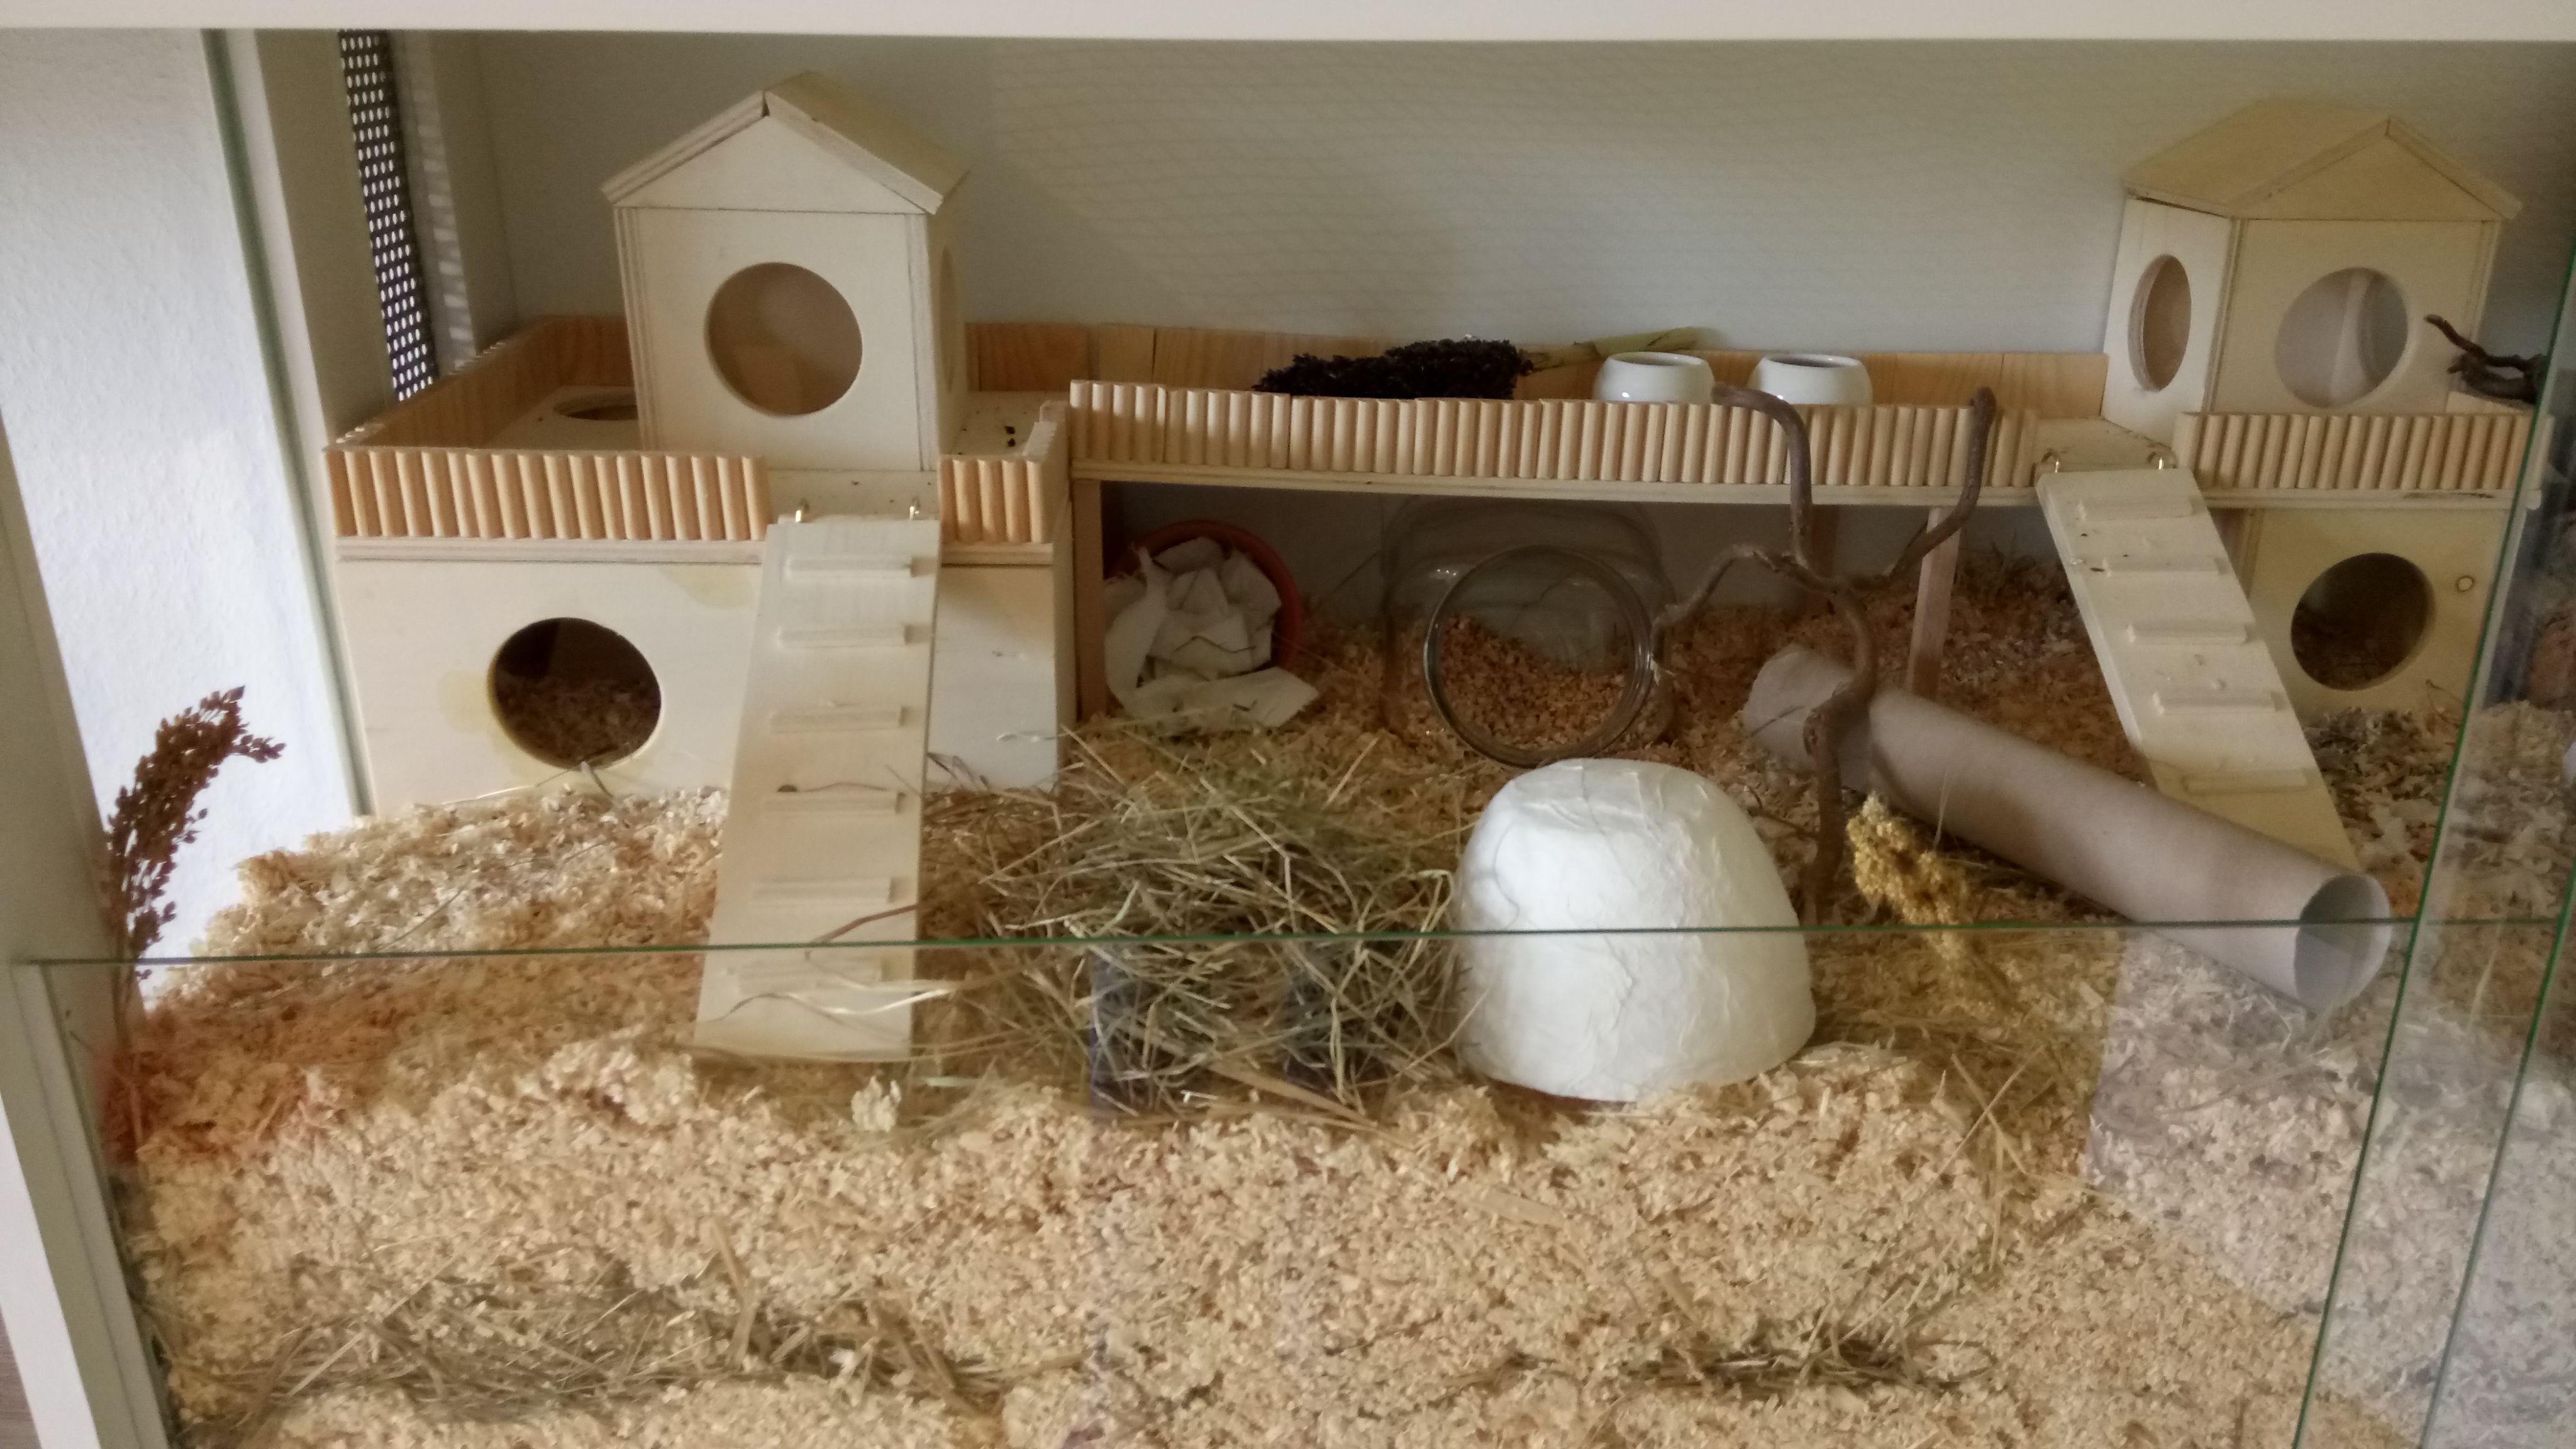 Inspirierend Haus Einrichtung Sammlung Von Hamster Eigenbau Nagarium Einrichtung: Dreikammer- Und Rennbahn